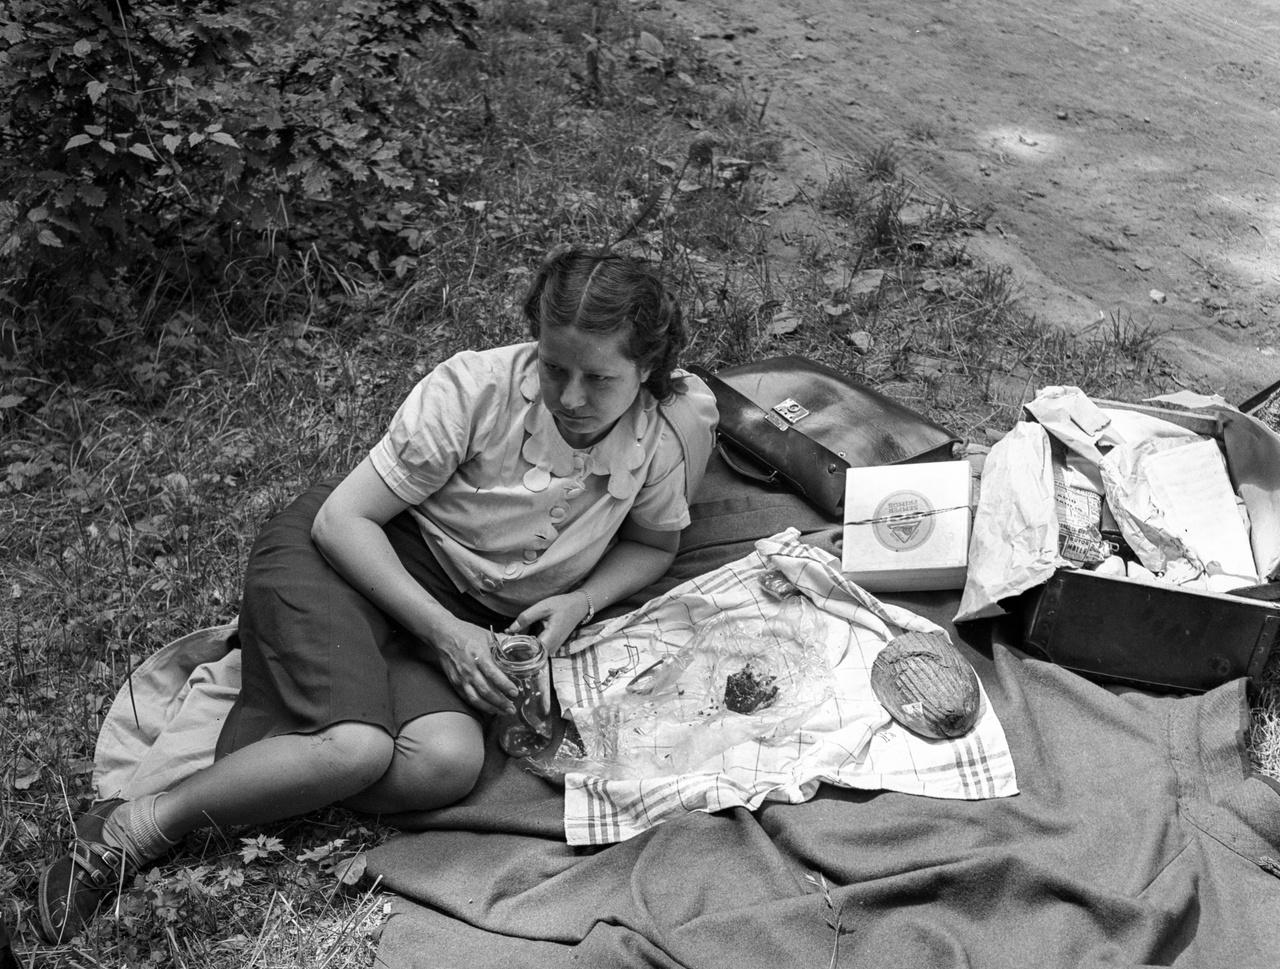 A II. világháború alatt már egyre kevesebben engedhették meg maguknak az ilyen piknikezést, mint a hölgy ezen az 1943-as képen. Az arányos elosztásról szóló rendelet szerint finom lisztből vagy száraz tésztafélékből havonta 2 kg, kenyérből pedig napi negyed kiló volt a fejadag. Az 1942-ben életbe lépett rendszer a vendéglőkre, kávéházakra is kiterjedt, így a betérő vendégek nem csak a kenyérhez, zsemléhez, de a főtt tésztákhoz vagy süteményekhez is csak az úgynevezett lisztváltójegy, más néven tésztajegy birtokában juthattak hozzá.